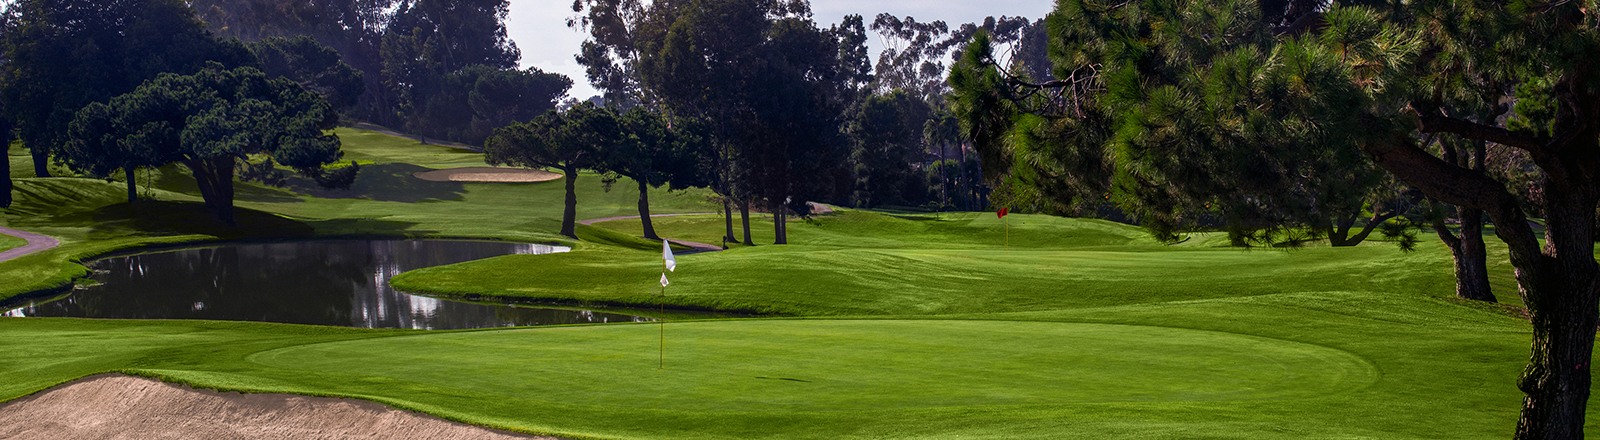 Lomas Santa Fe Executive Golf Course Header